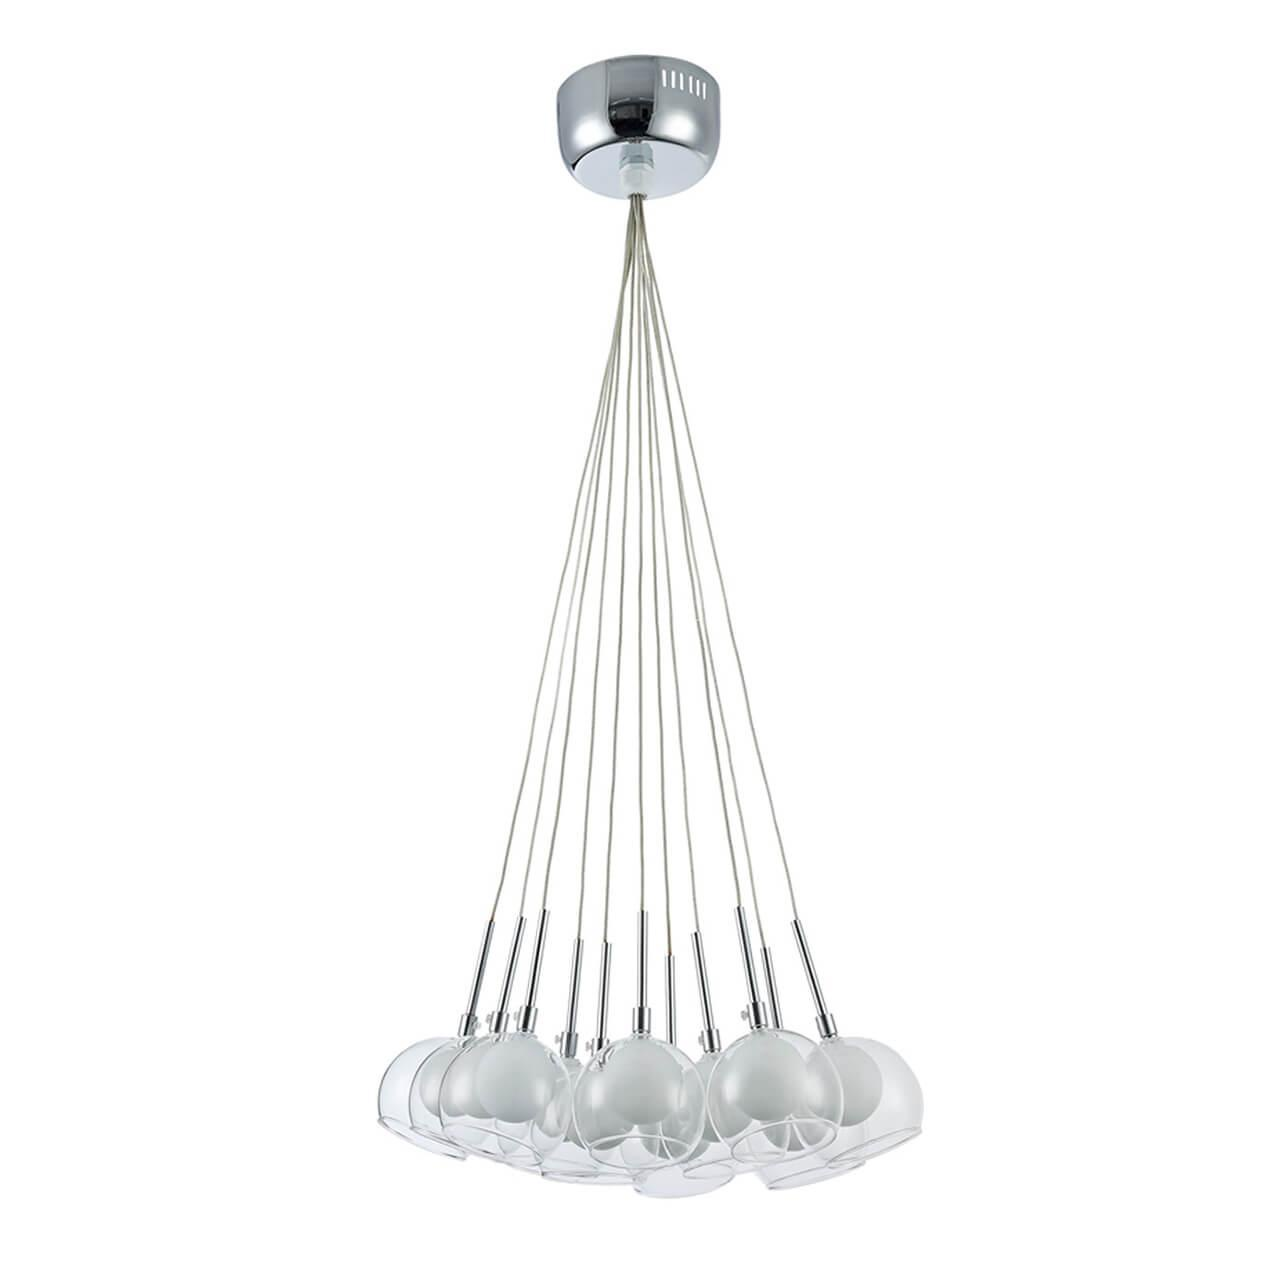 Подвесной светильник Freya FR5175-PL-11-CH, белый подвесная люстра freya carmela fr5175 pl 11 ch